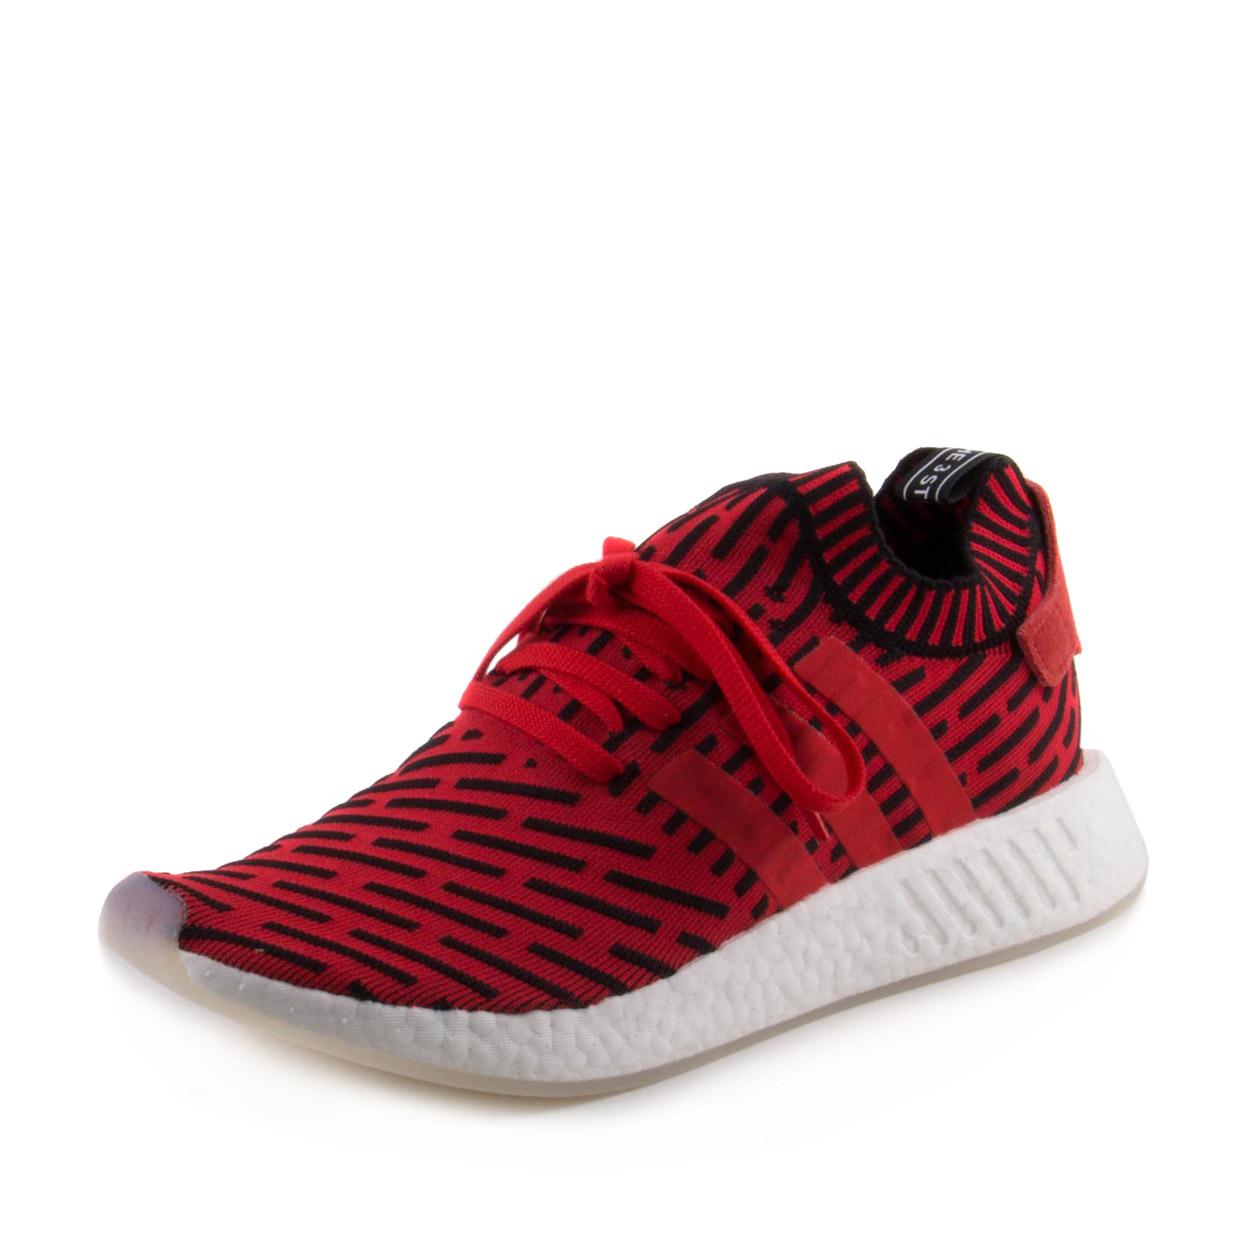 Adidas Mens NMD_R2 PK Red/Black BB2910